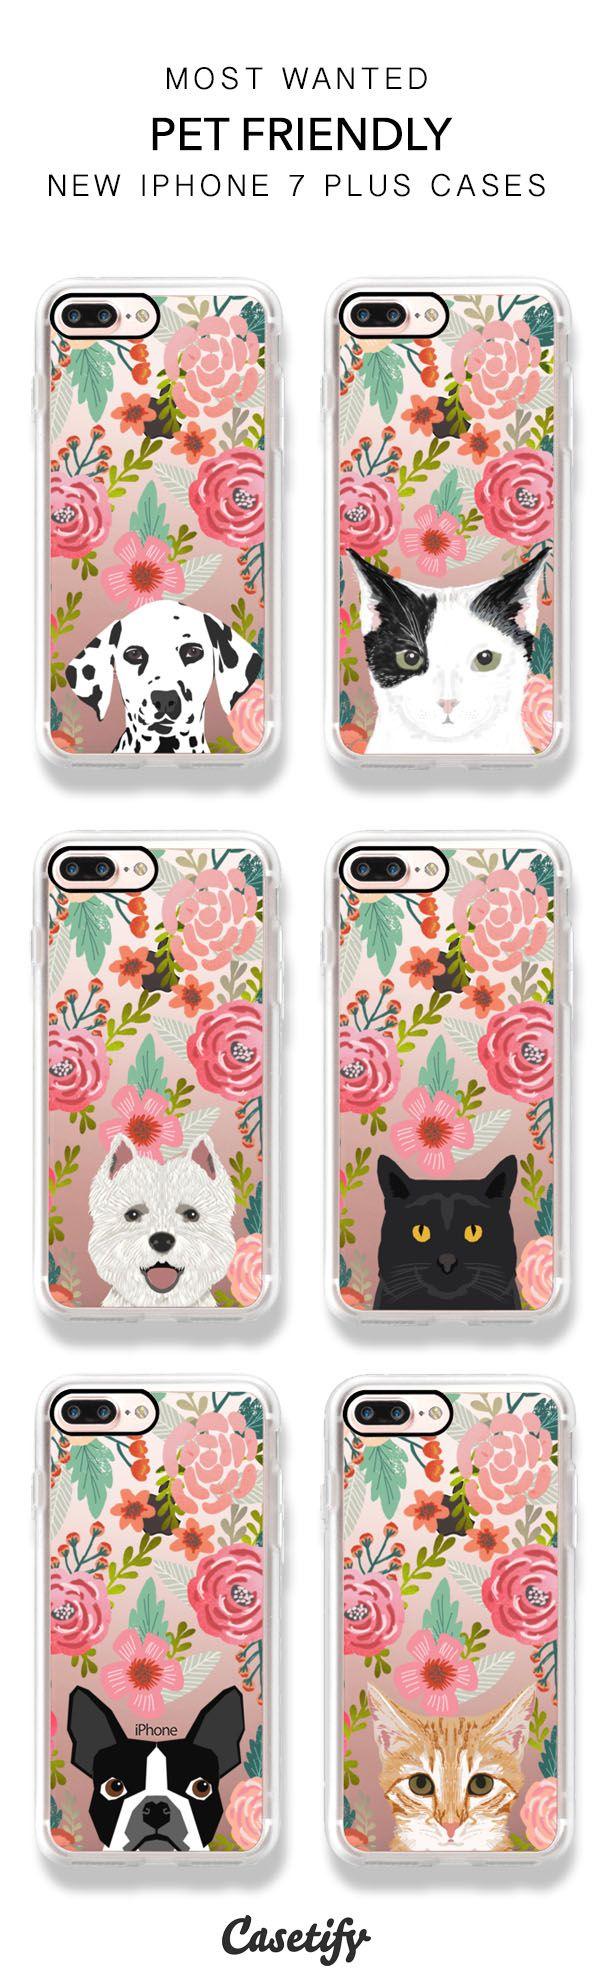 dalmation iphone 7 plus case